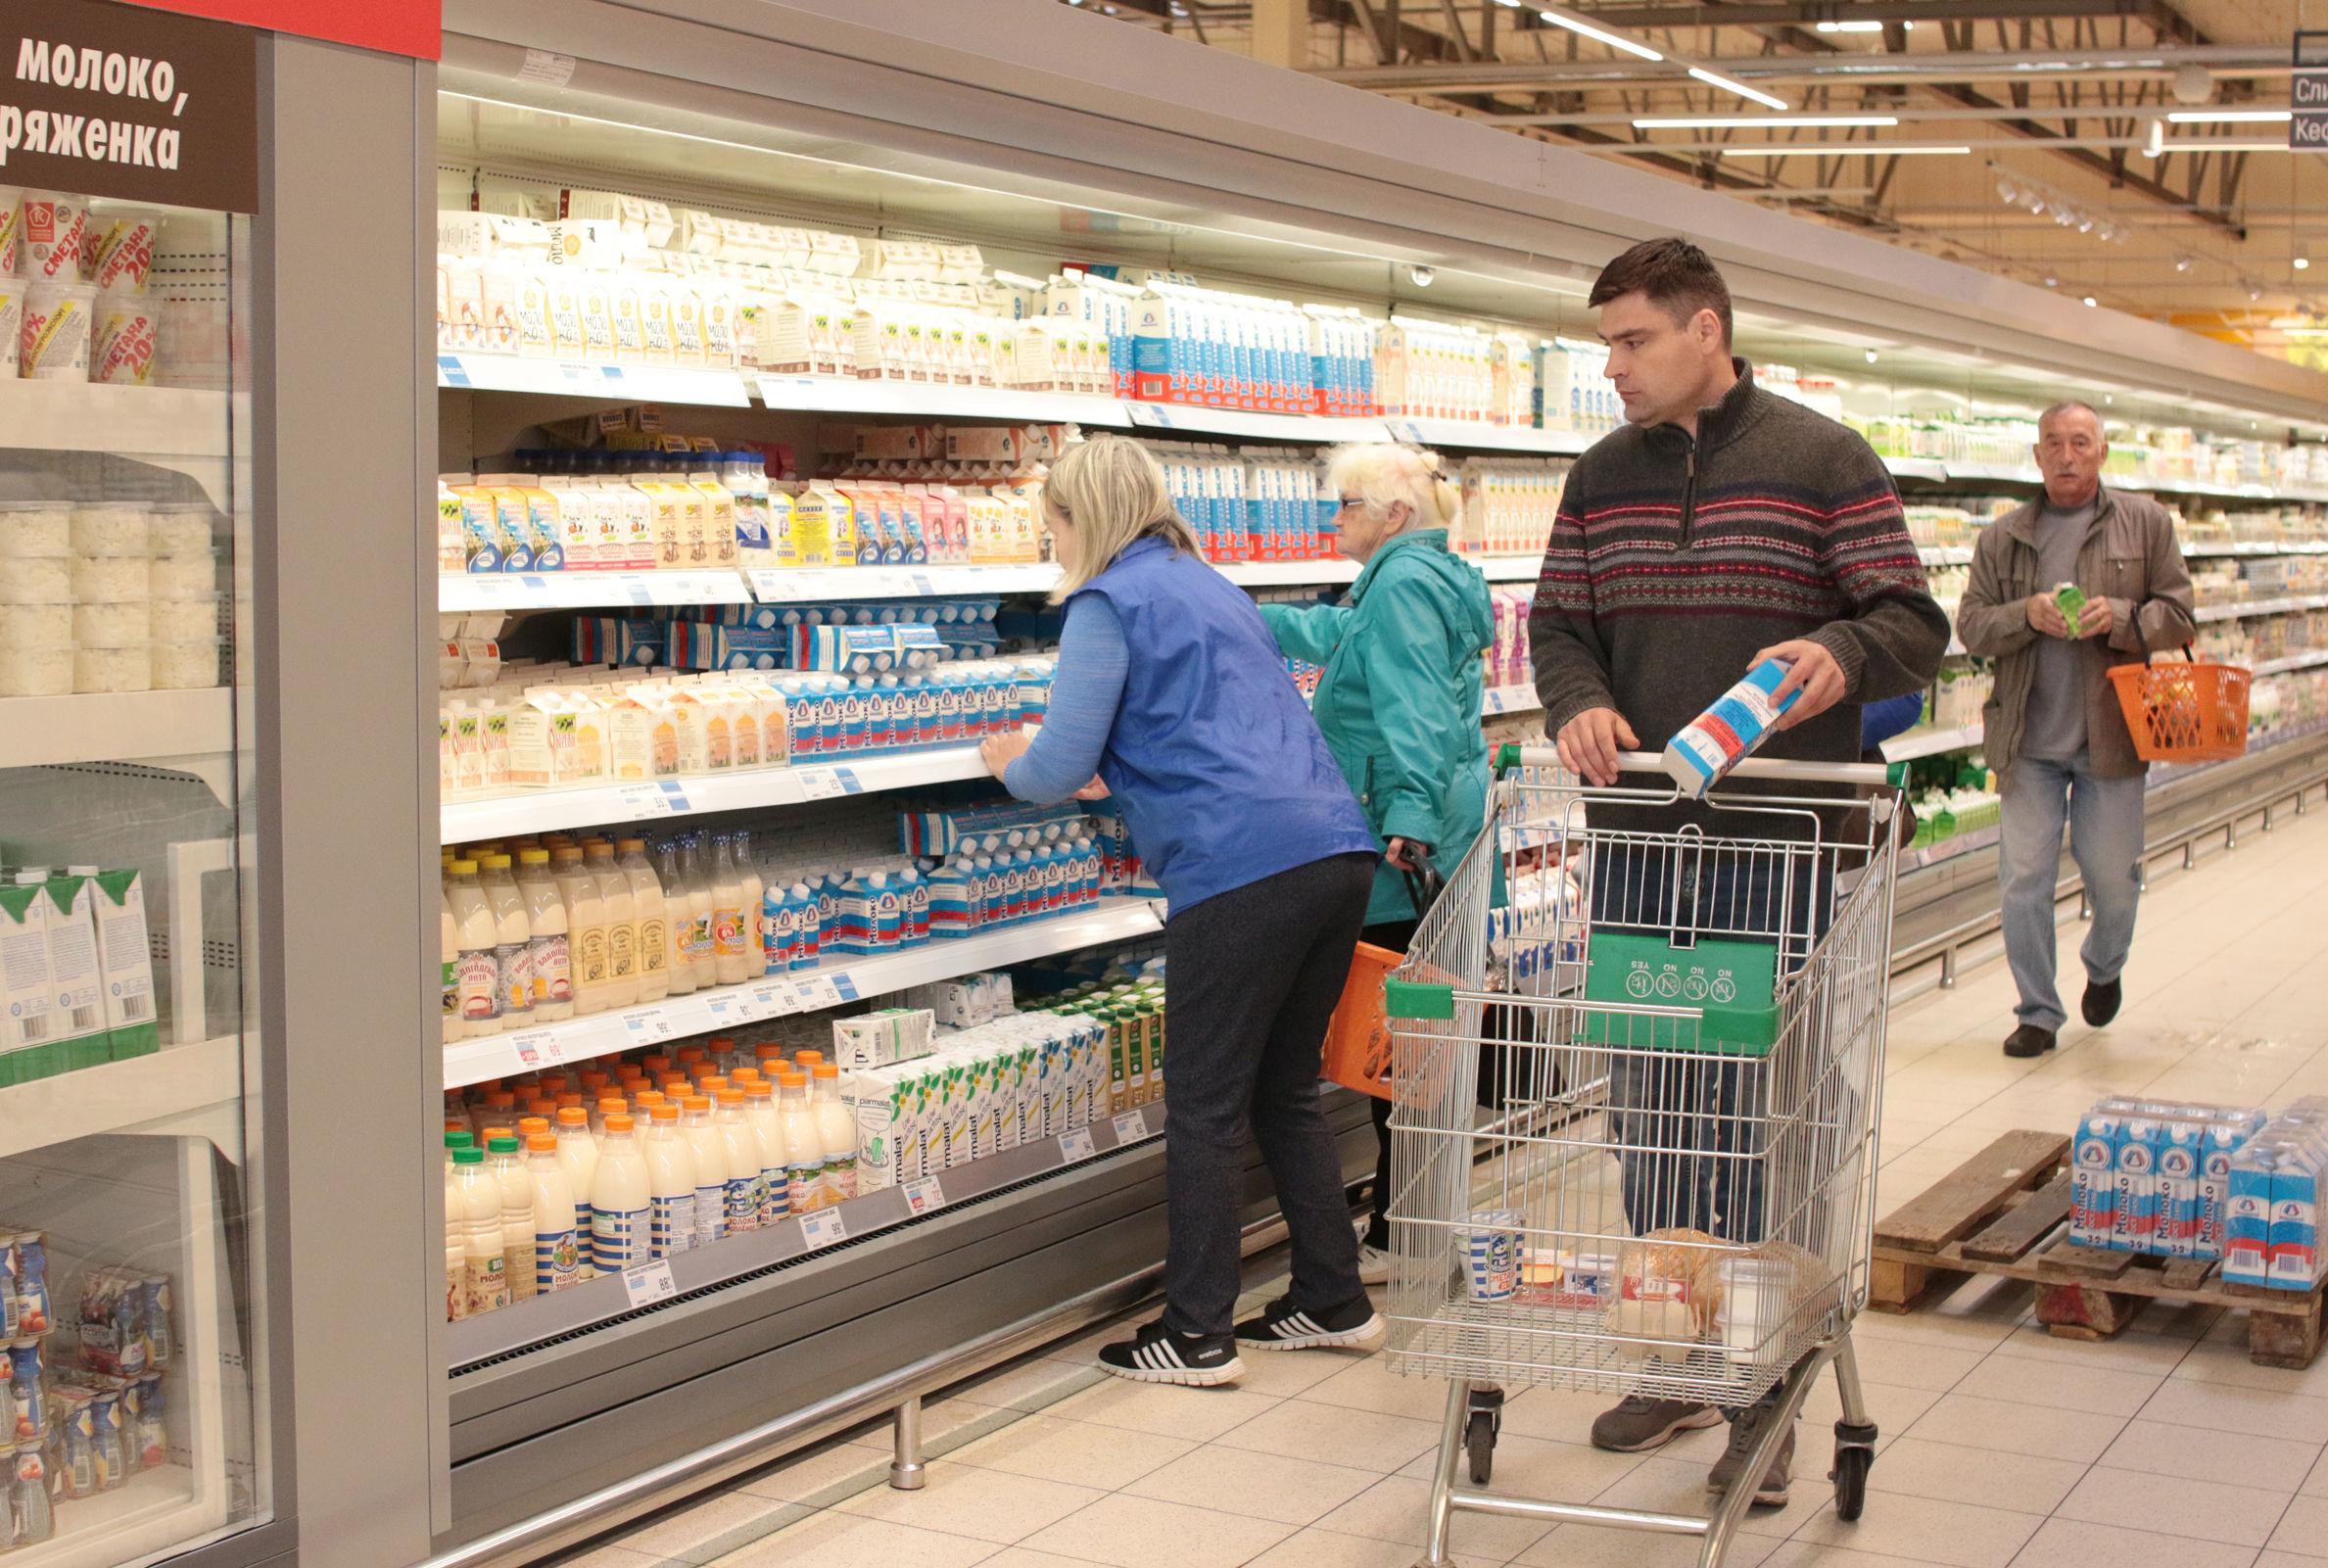 Ярославская область - в лидерах по количеству торговых площадей